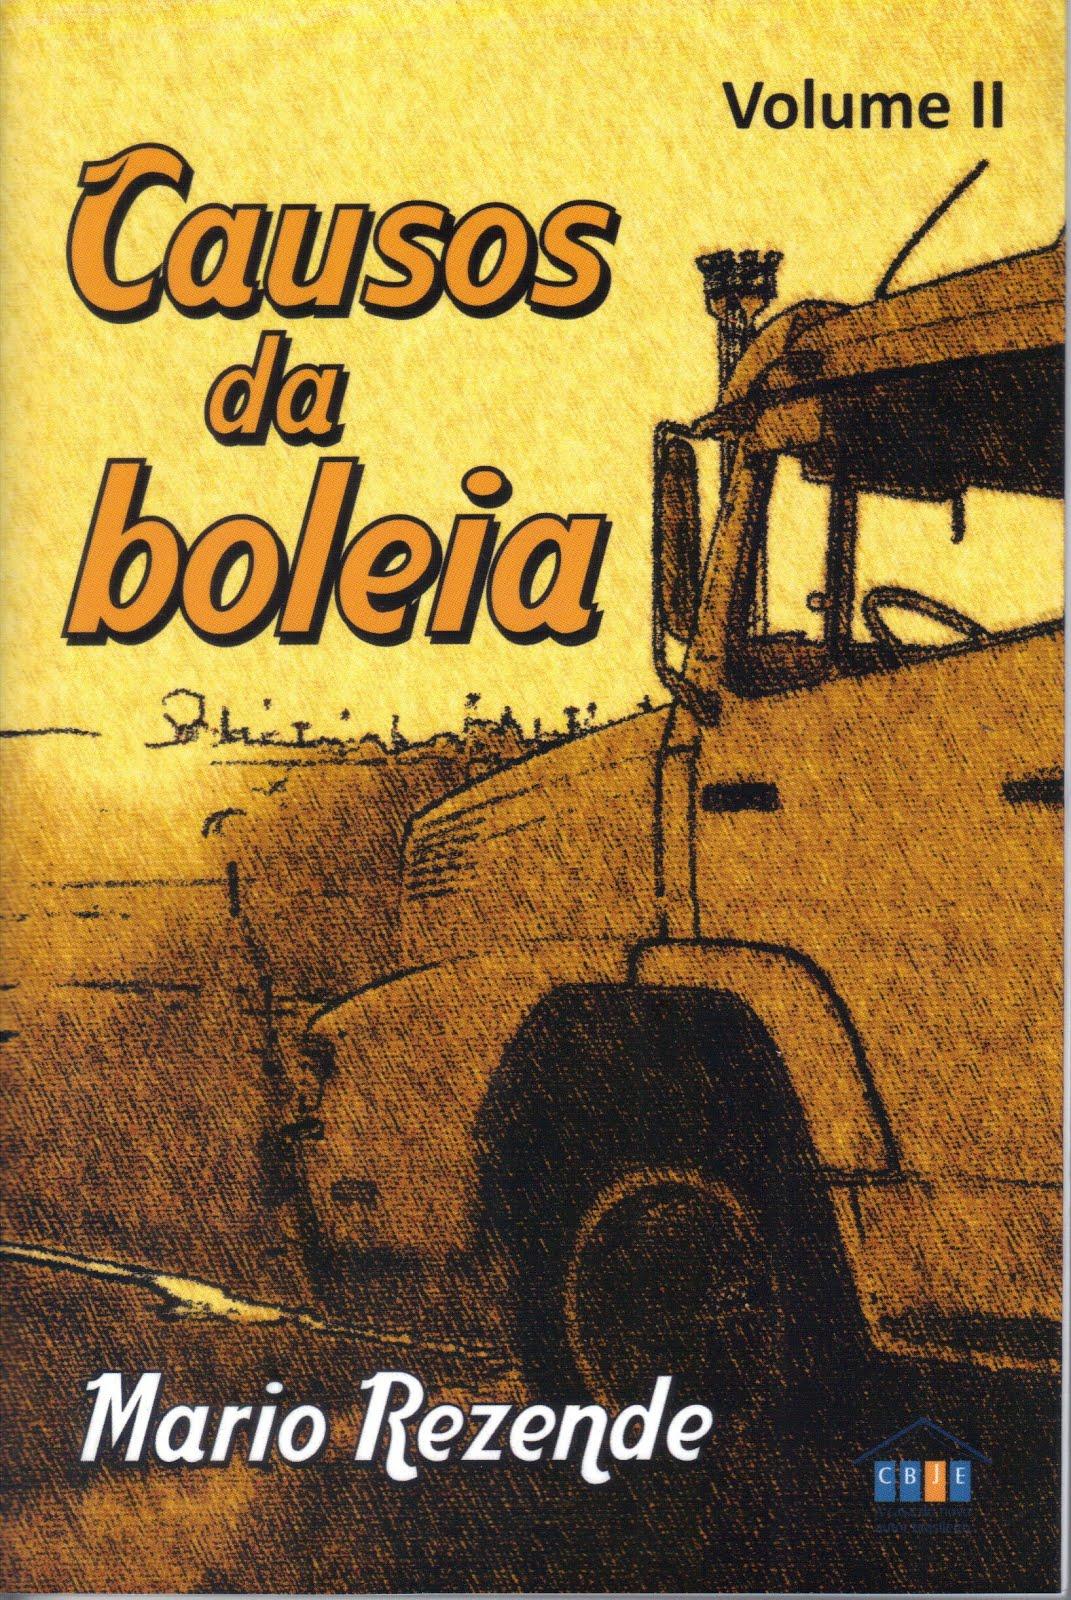 CAUSOS DA BOLEIA VOL. II - MARIO REZENDE